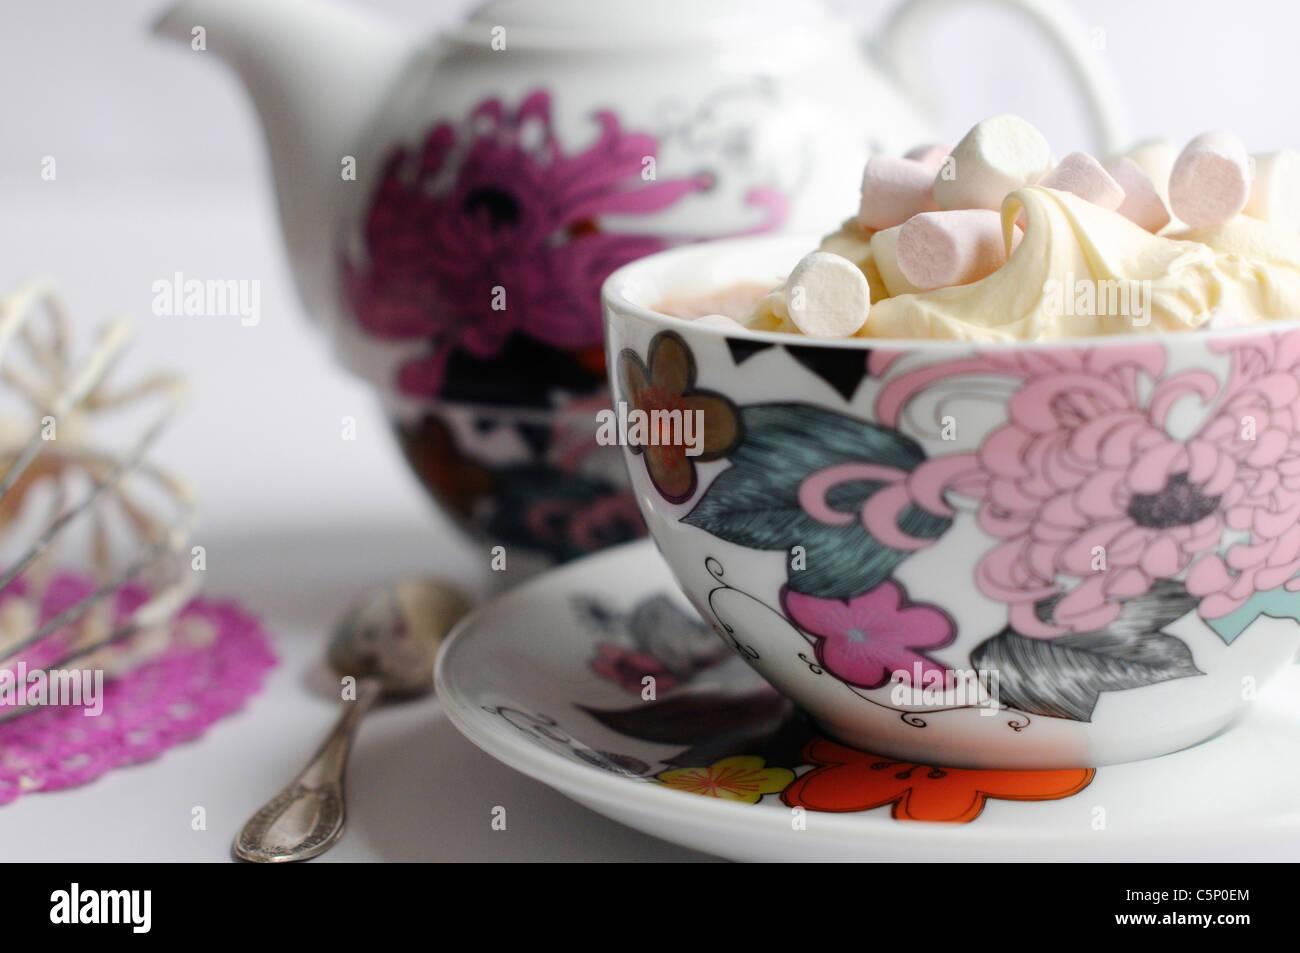 Chocolate caliente con crema batida y mini malvaviscos Imagen De Stock